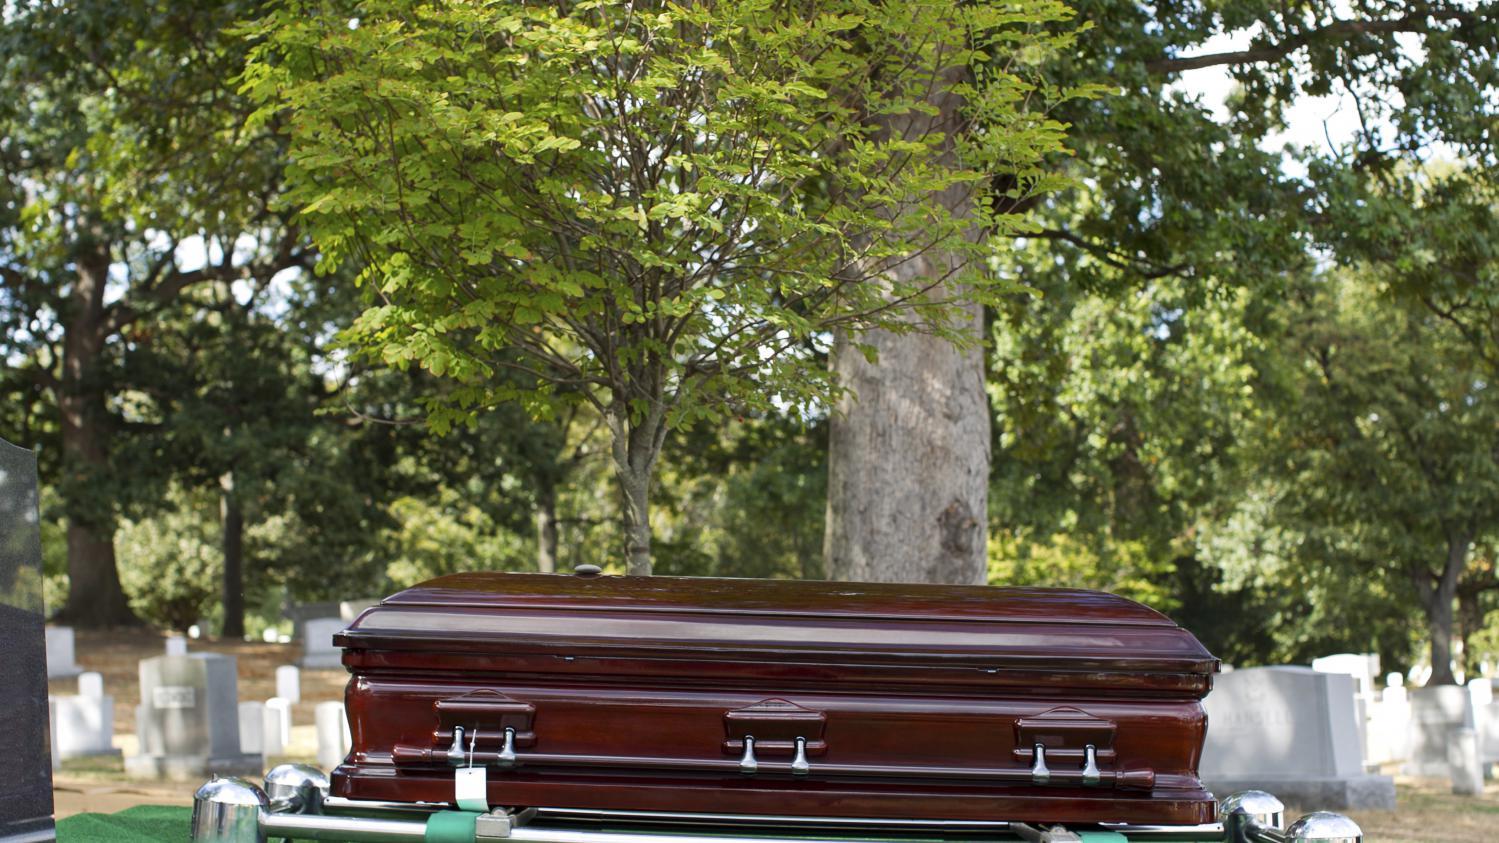 aveyron cinq cercueils vides retrouv s dans un pr priv. Black Bedroom Furniture Sets. Home Design Ideas